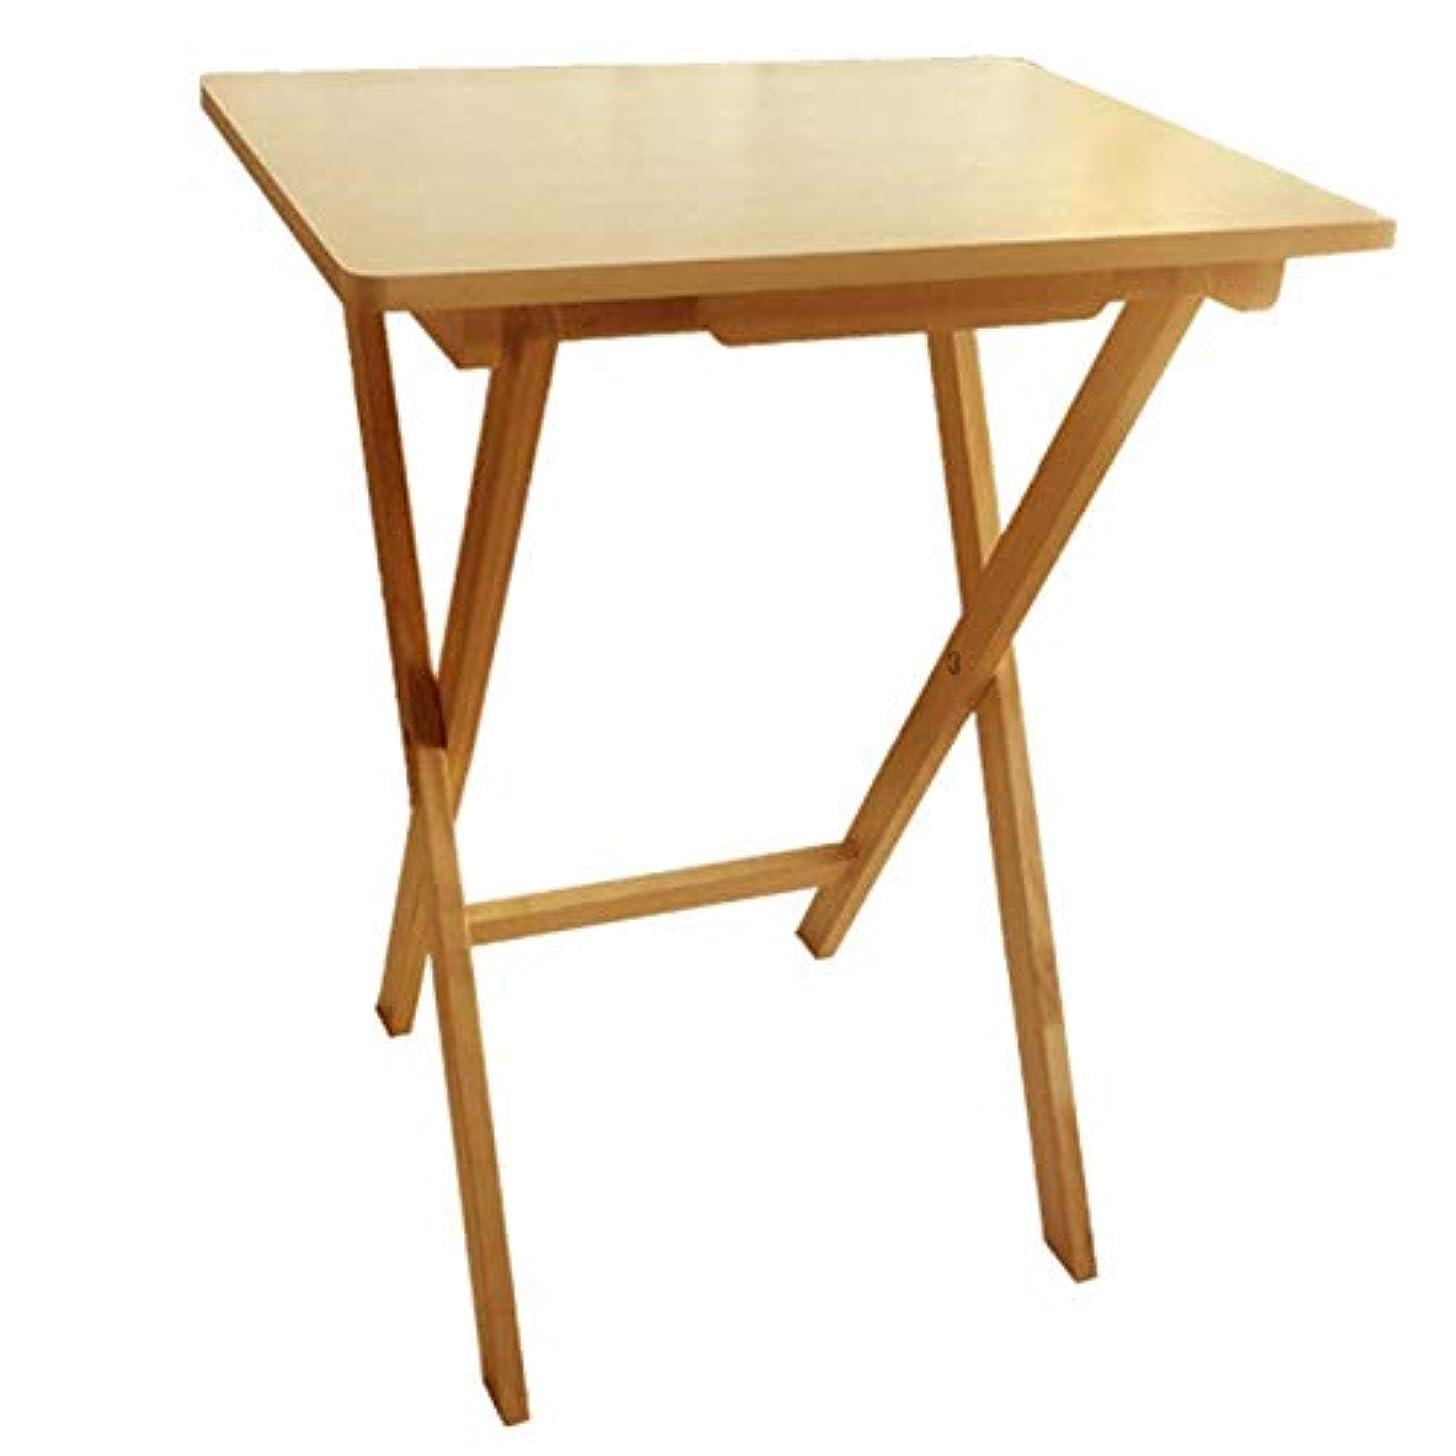 ビルマむしろ推進屋外折りたたみテーブル木製ポータブル折りたたみシンプルカジュアルピクニックテーブル屋内ダイニングテーブルコンピュータテーブルに適しガーデンガーデンカートラベル、ウッドカラー Carl Artbay